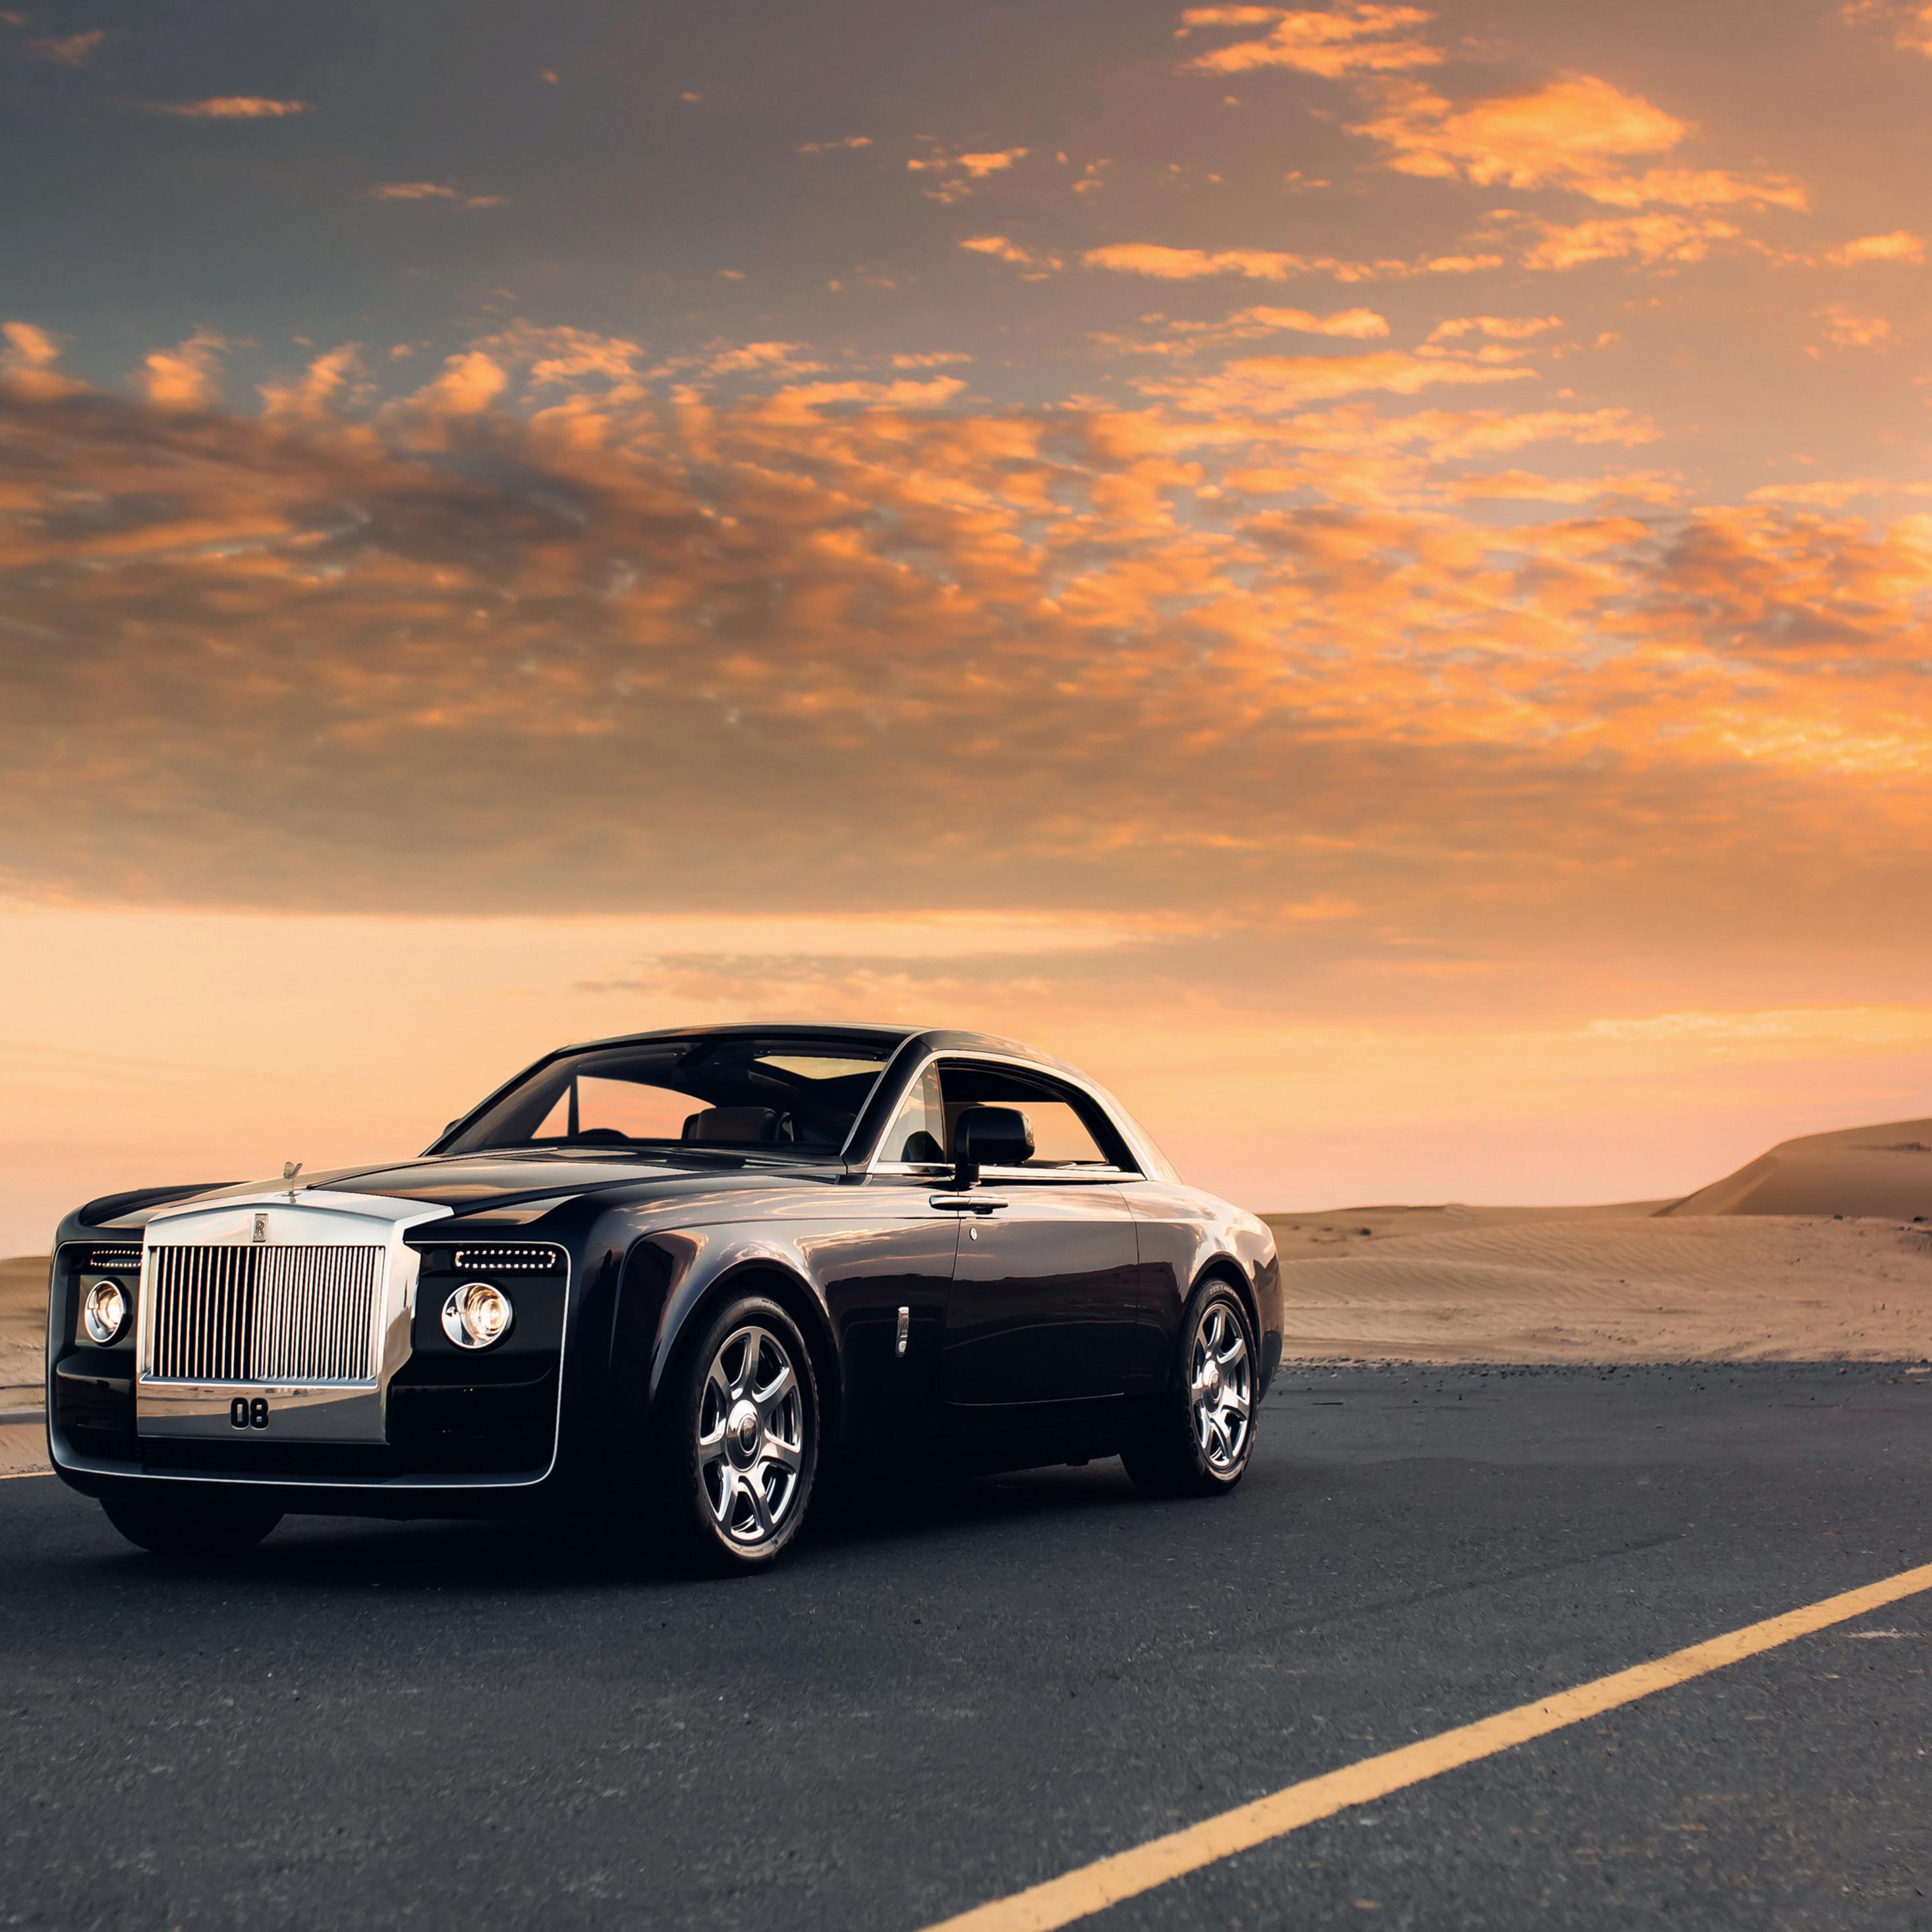 2932x2932 Rolls Royce Sweptail Car Ipad Pro Retina Display ...